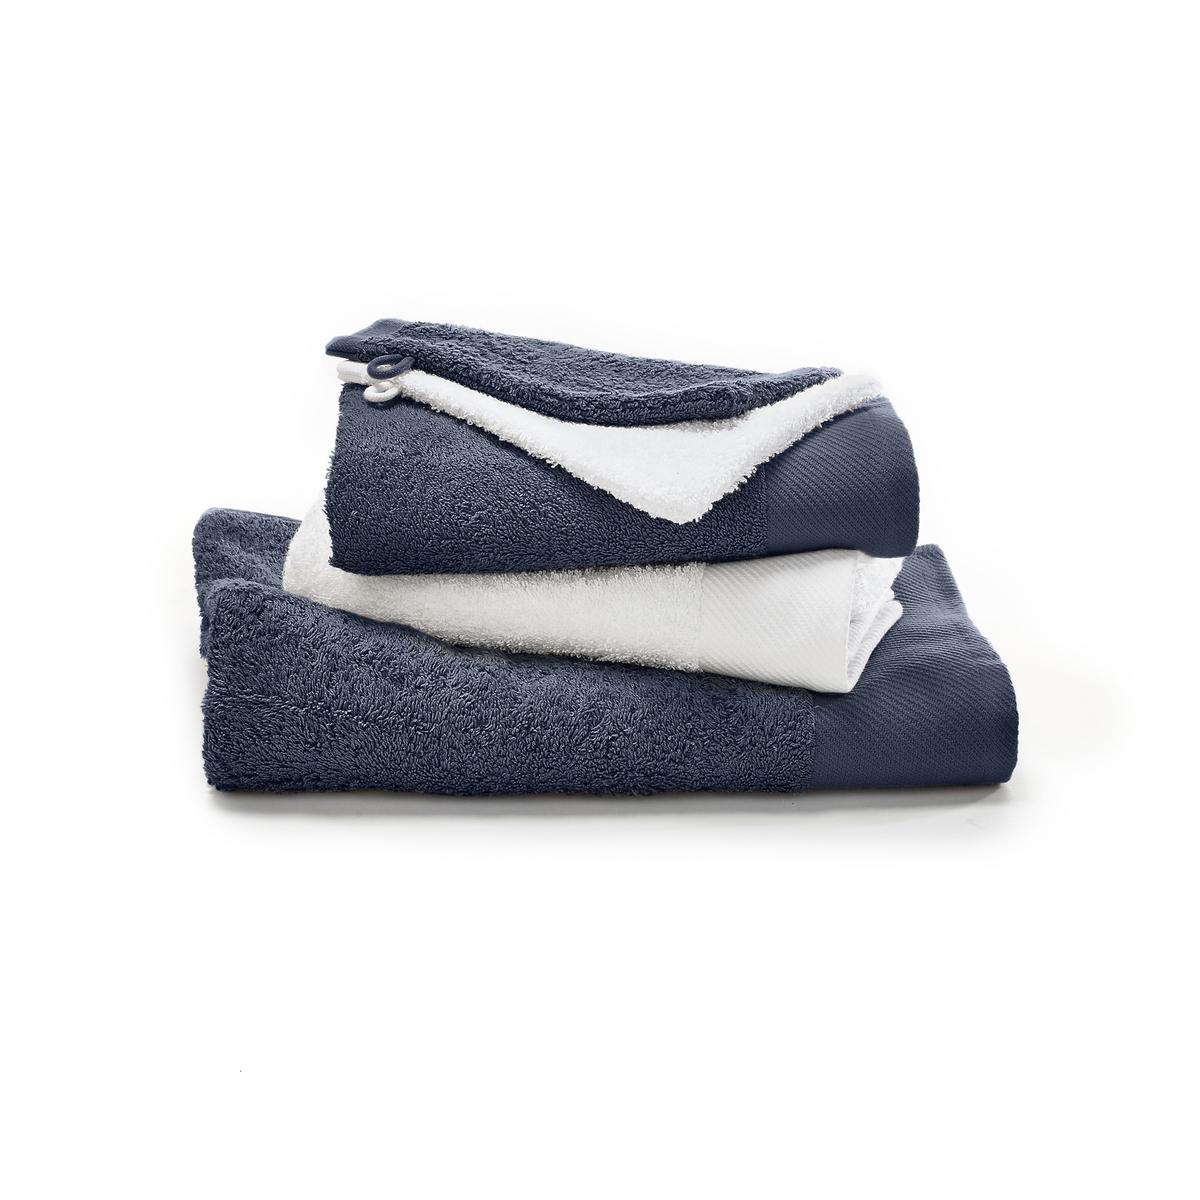 Комплект банный из 5 предметов, махровая тканьМягкий банный комплект из нежной и плотной махровой ткани красивых расцветок. Состав и описание 5 предметов из махровой ткани :1 банное полотенце + 2 туалетные полотенцы + 2 рукавицыМатериал :  100% хлопок 500г/м2 Полотенце банное : размеры 70 x 140 смТуалетное полотенце:  50 x 100 смТуалетная рукавица:  15 x 21 см Уход :Машинная стирка при 60° с изделиями схожих цветов.Машинная сушка.<br><br>Цвет: белый/темно-серый,бирюзовый/ белый,серо-бежевый/белый,серо-синий/синий,Синий/малиновый